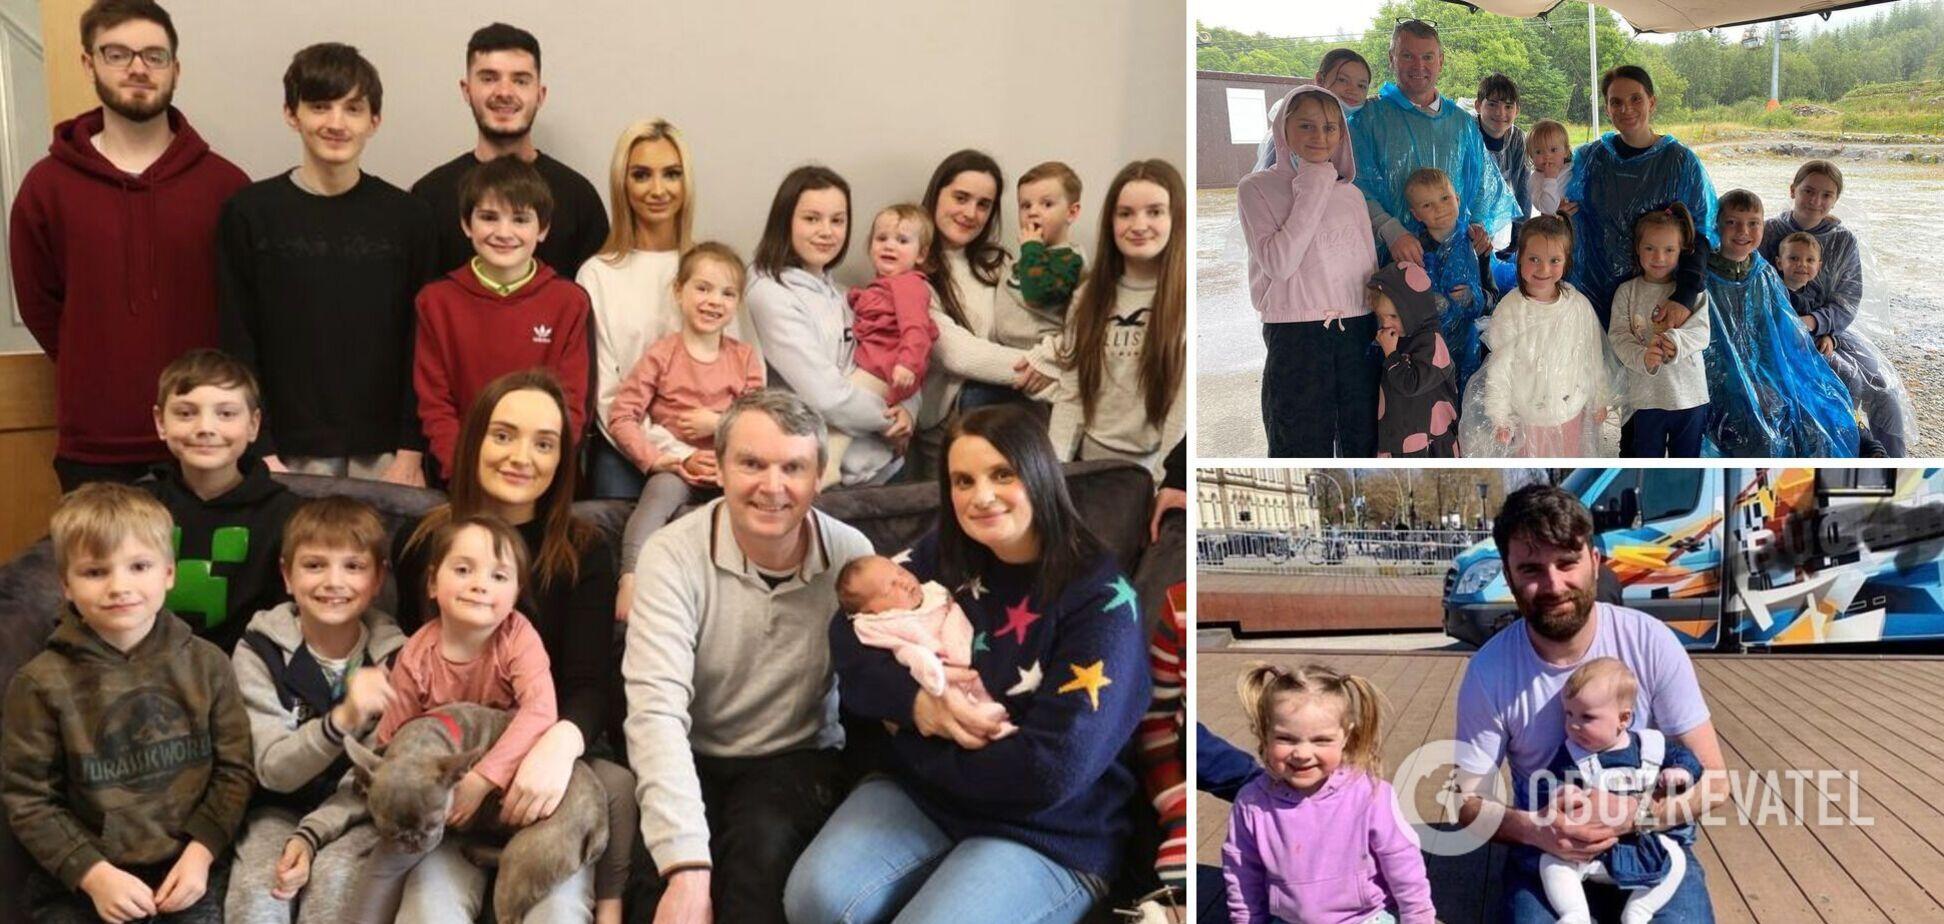 Самая большая семья Великобритании из 22 детей объявила о пополнении. Фото